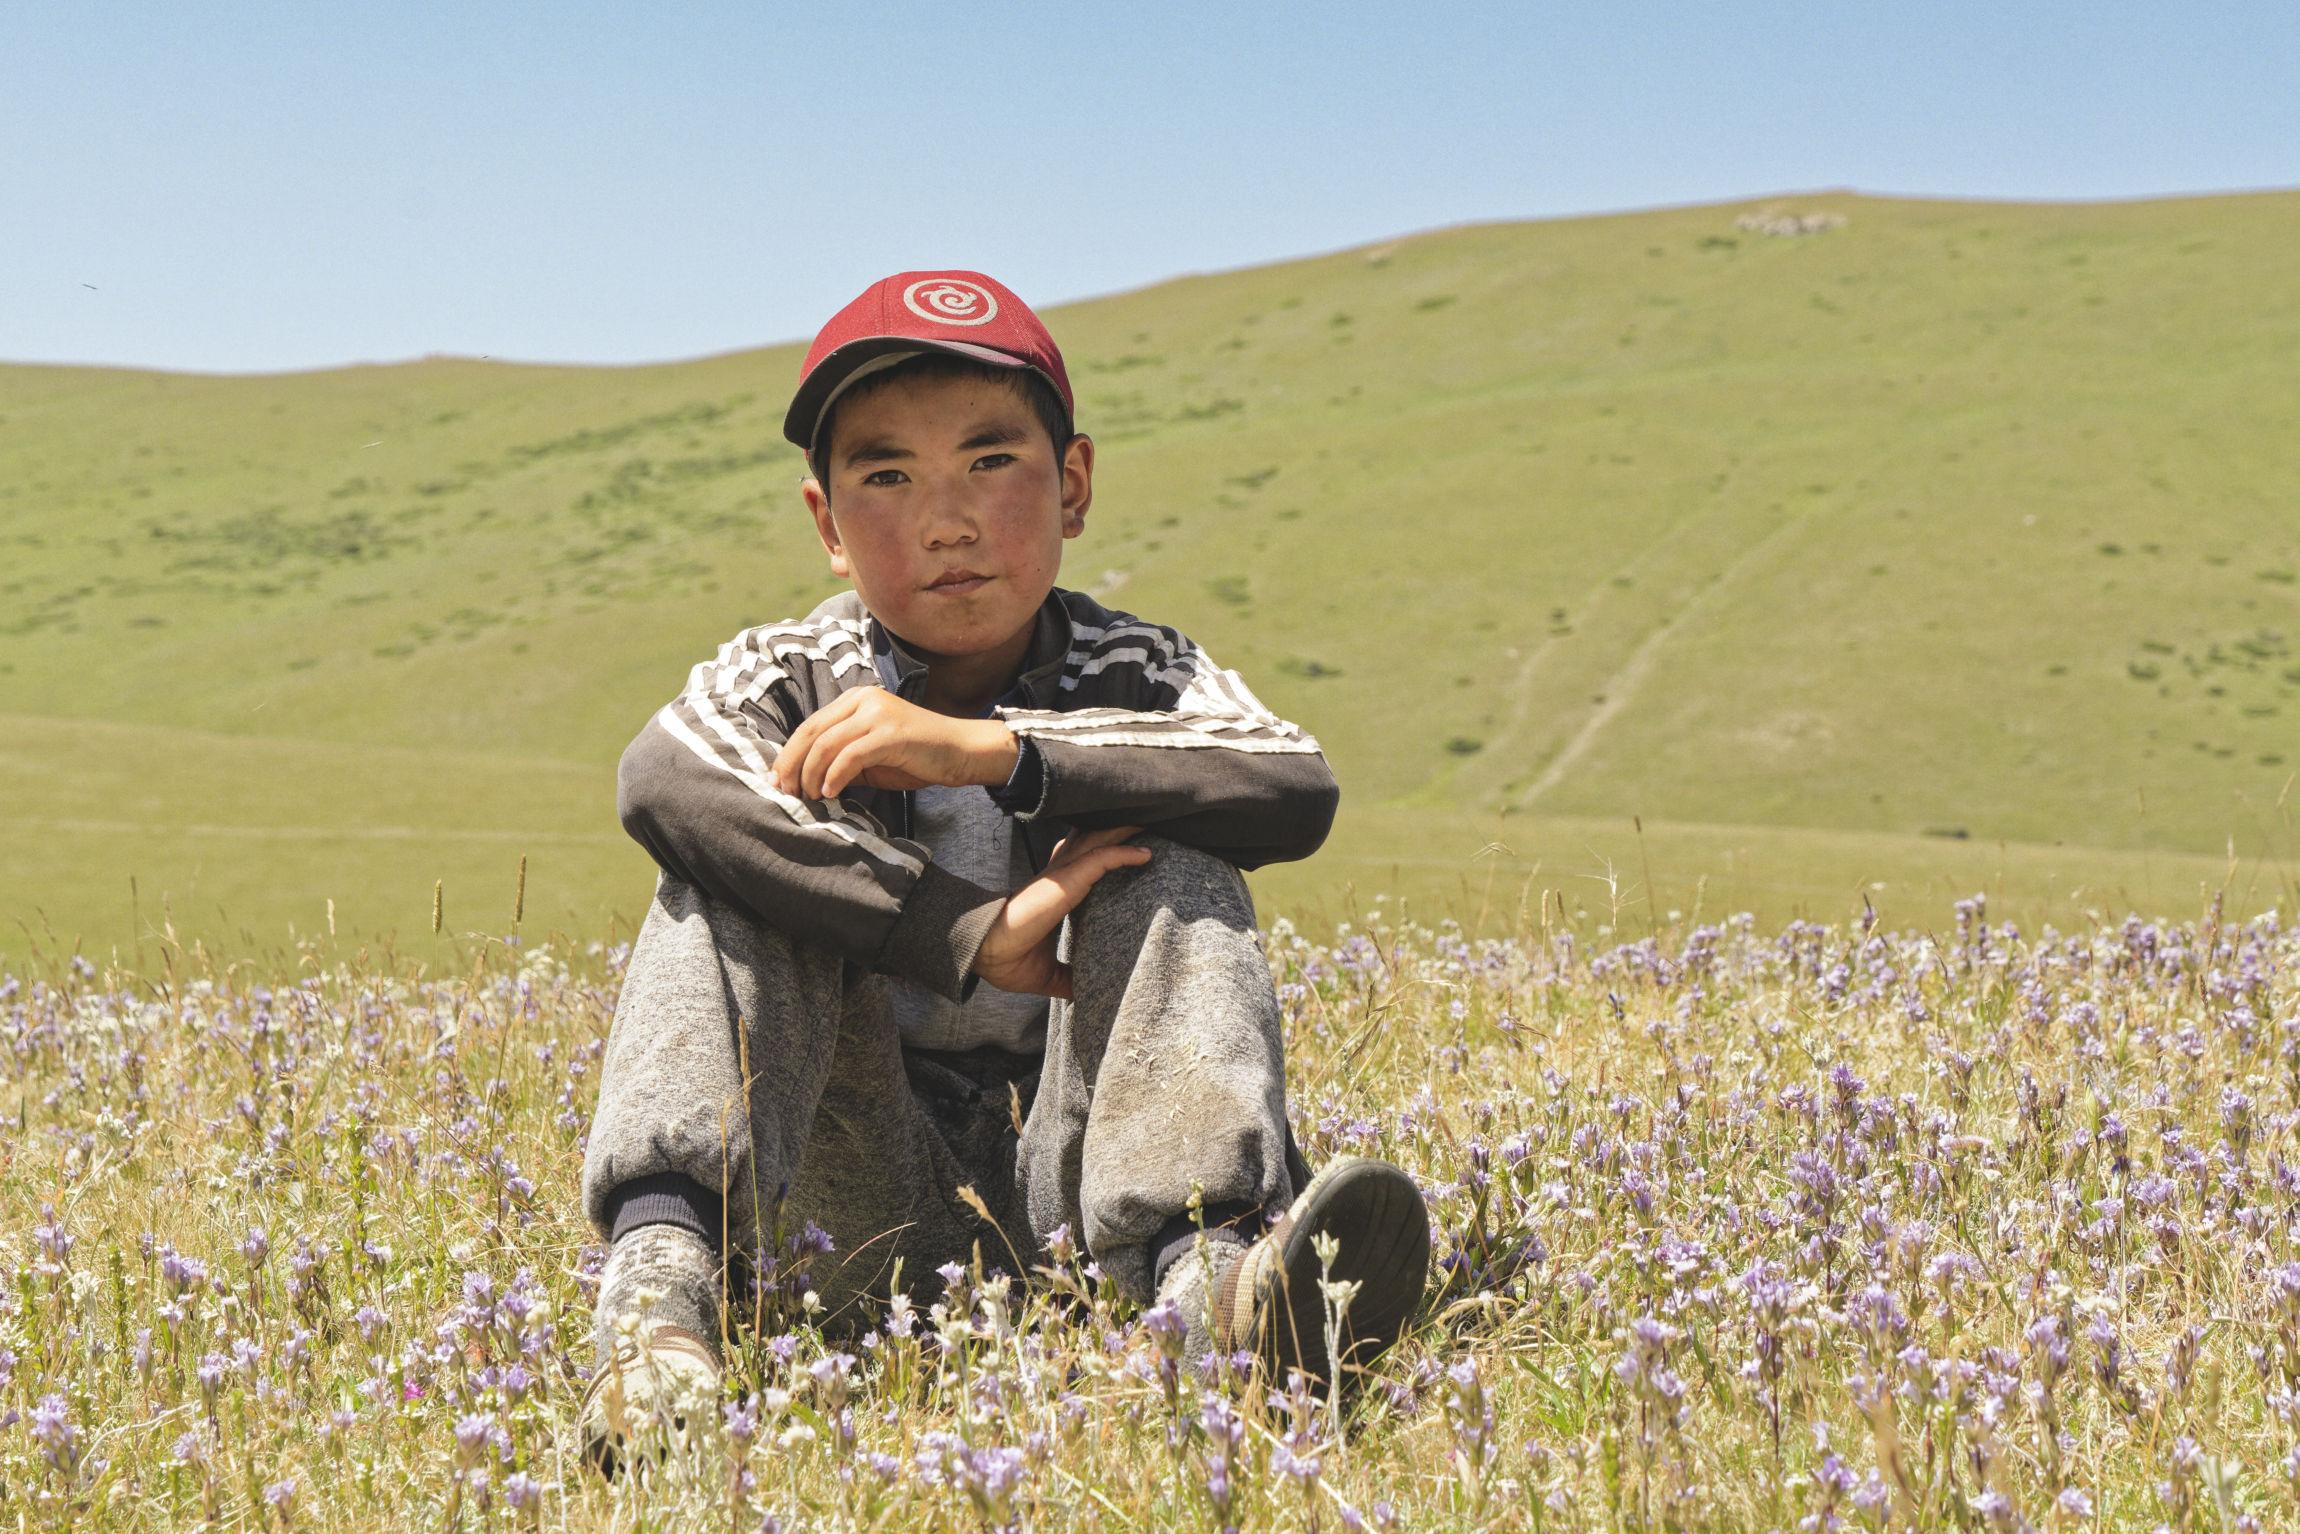 Enfant au milieu des fleurs Bosogo jailoo Kirghizstan